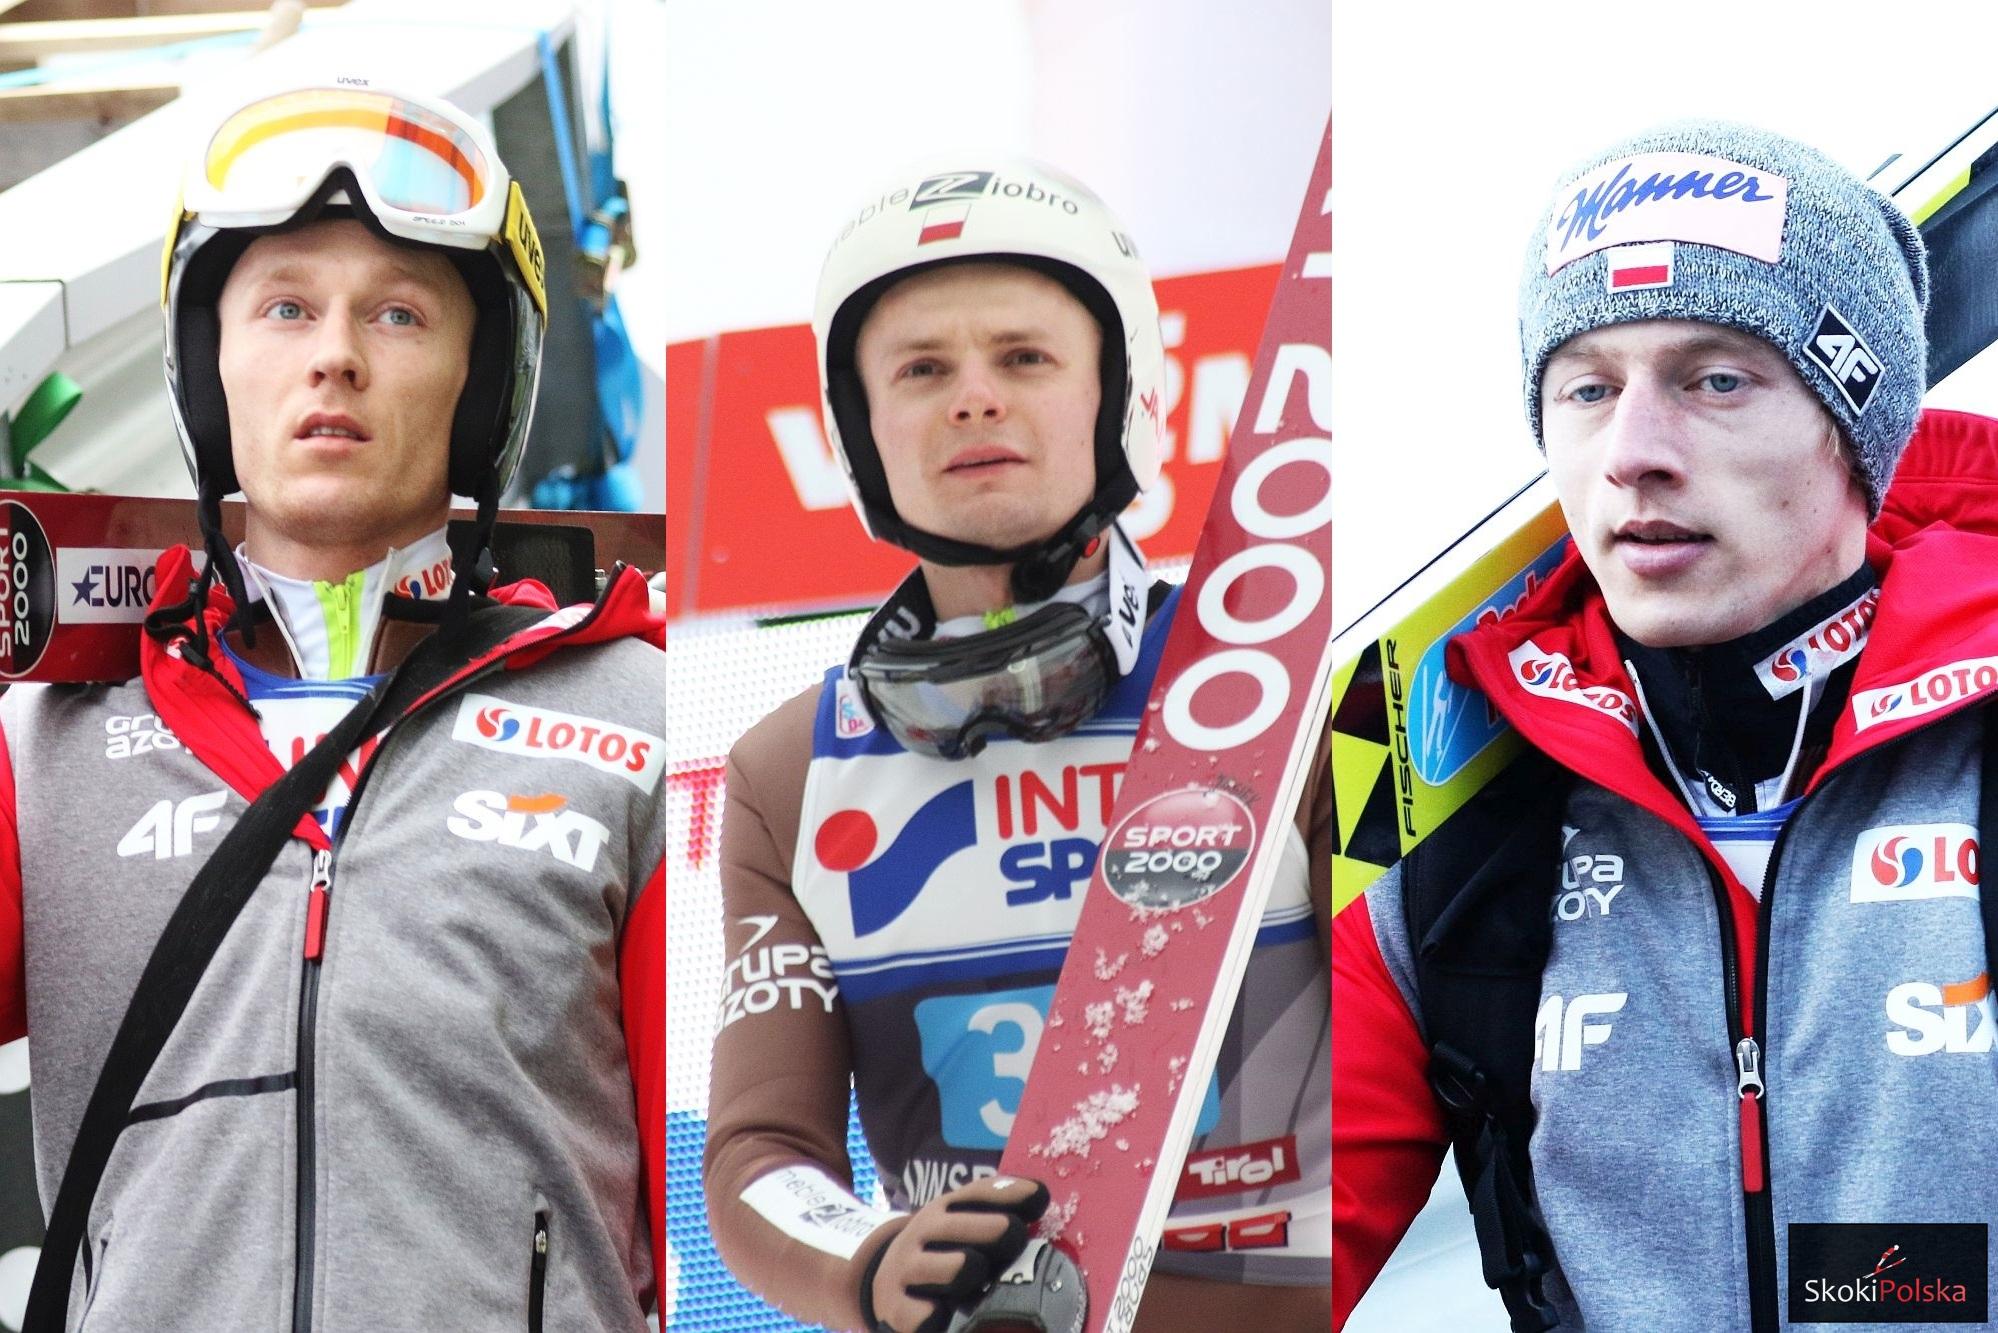 Bohaterowie drugiego planu, Hula, Ziobro i Kubacki po udanym finale 65. TCS